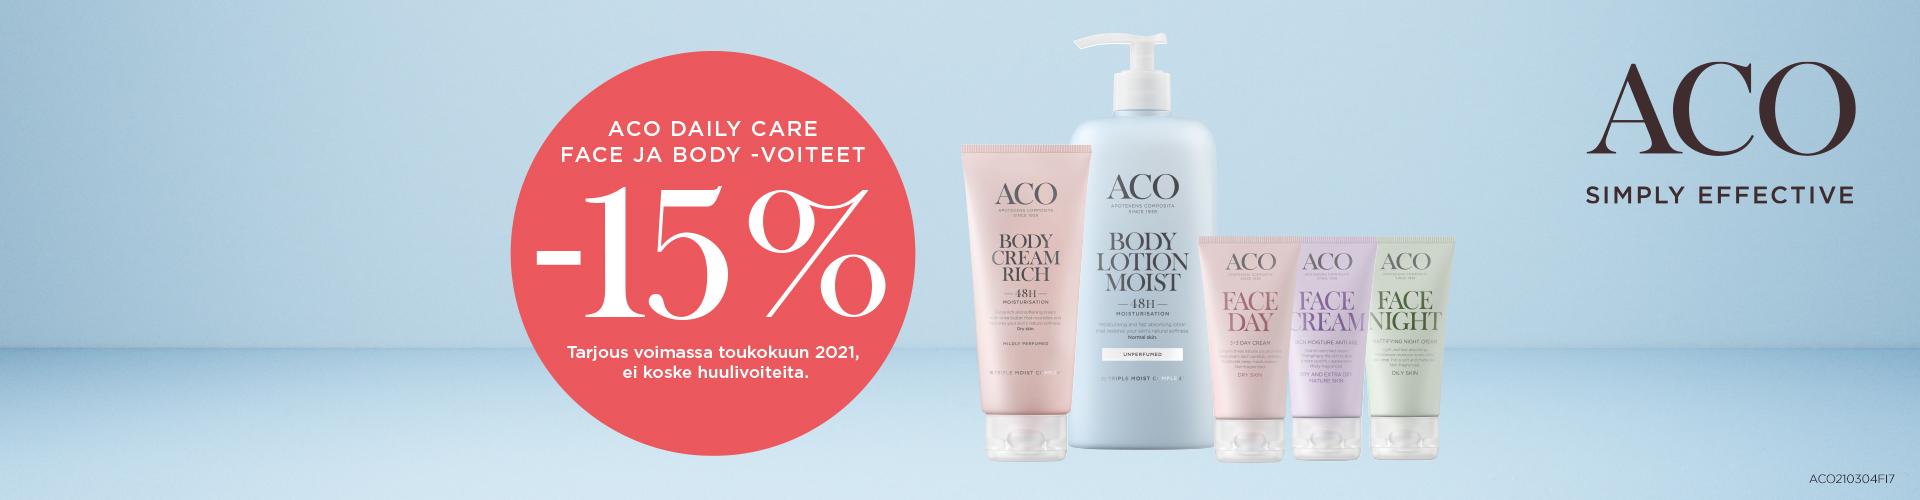 ACO Daily Care face ja body -voiteet -15 %